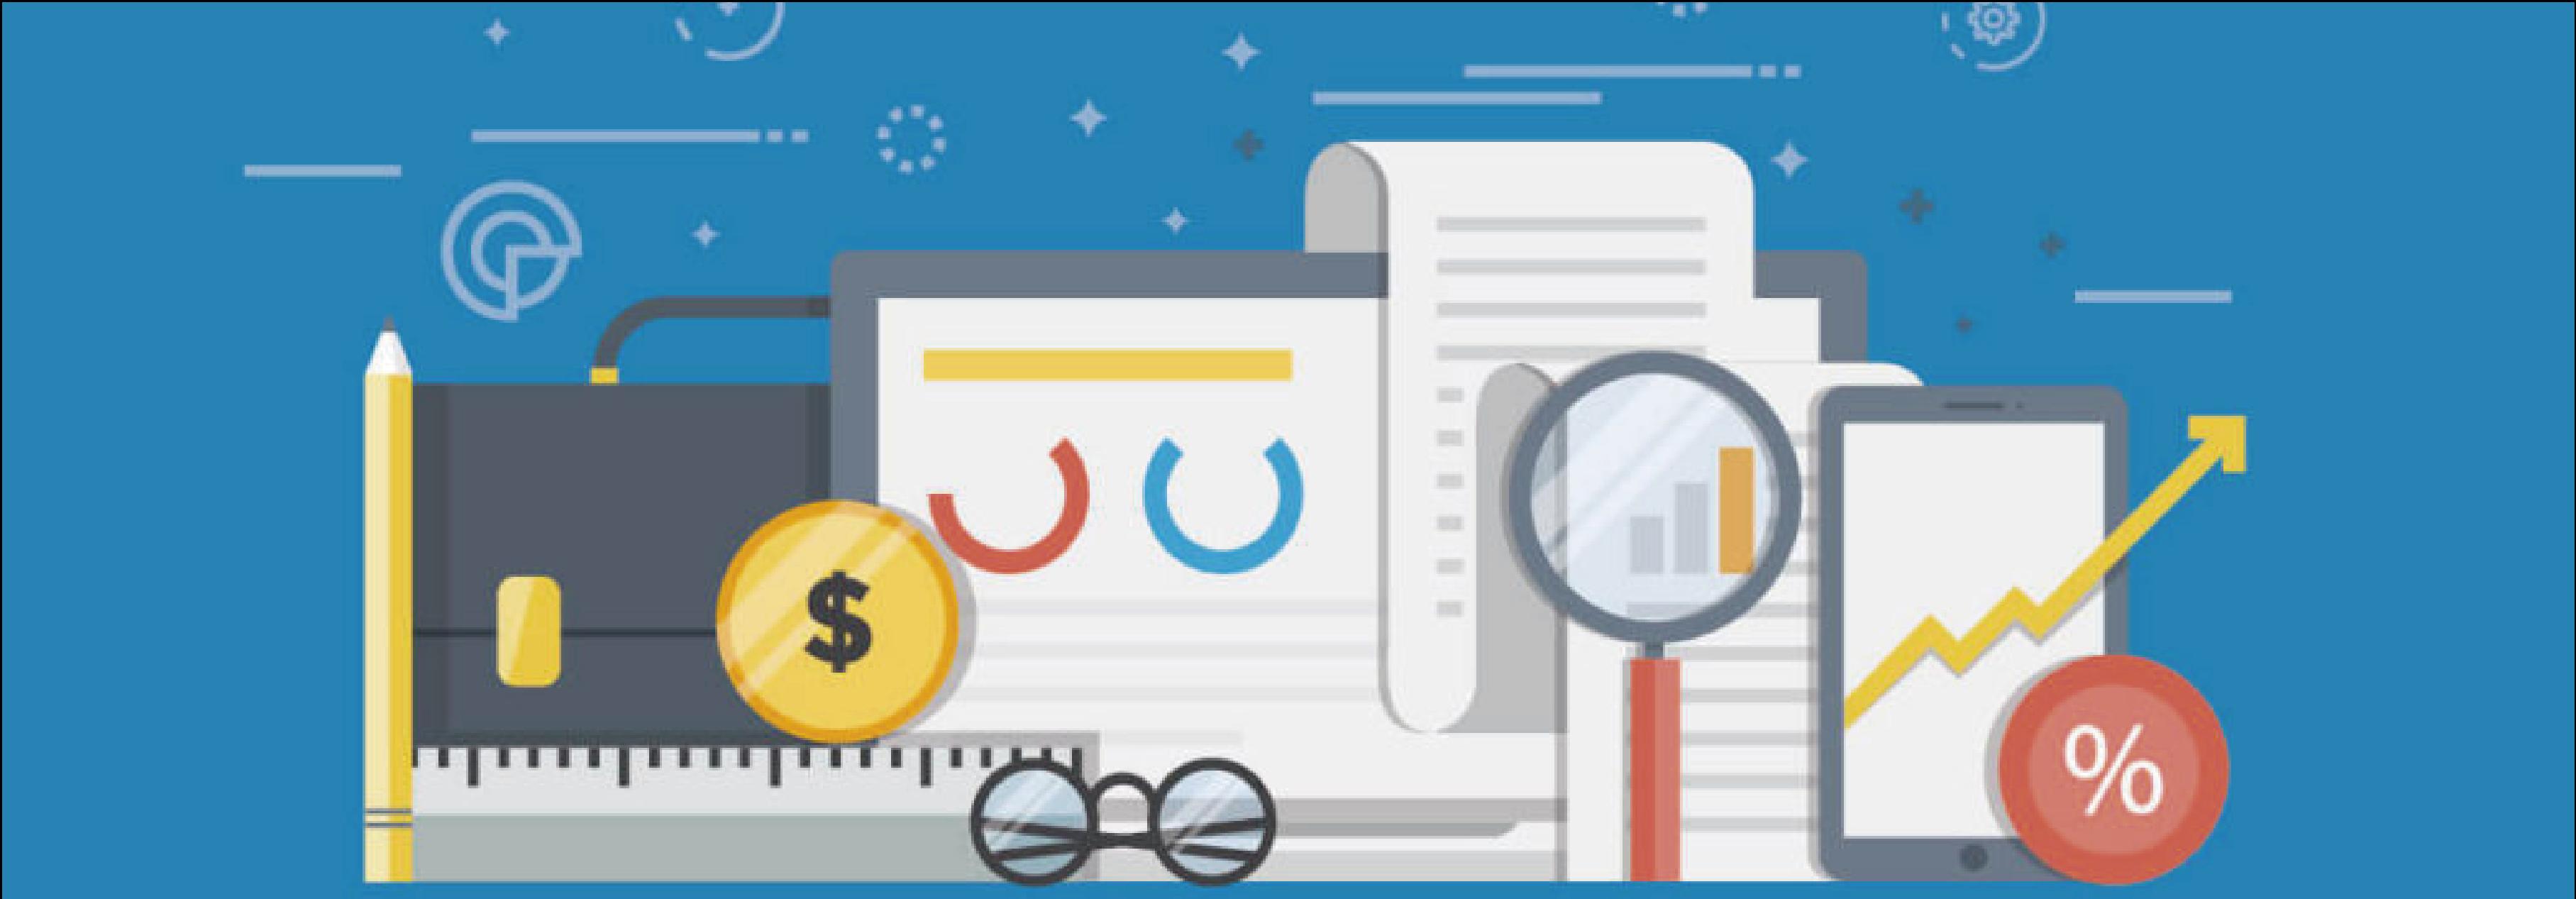 5 razones por las que la investigación de mercado es crucial para tu negocio-2